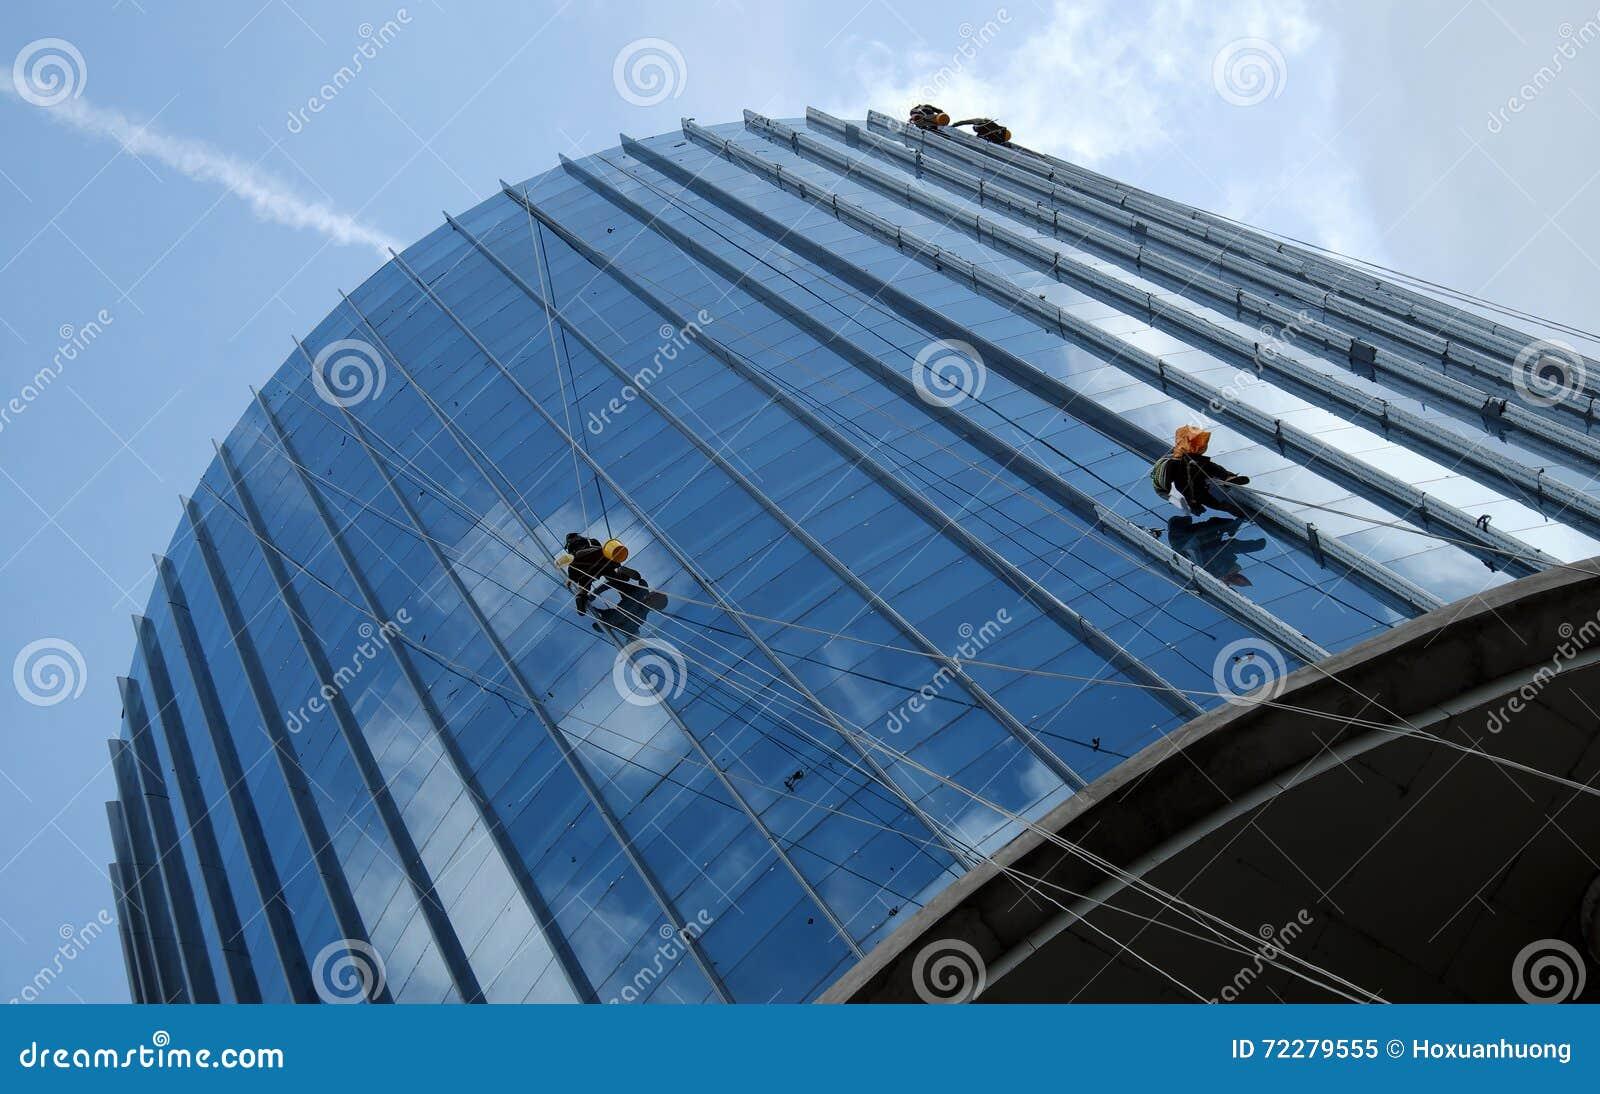 Download Азиатский подъем на здании, опасная работа работника Редакционное Изображение - изображение насчитывающей стекло, работа: 72279555